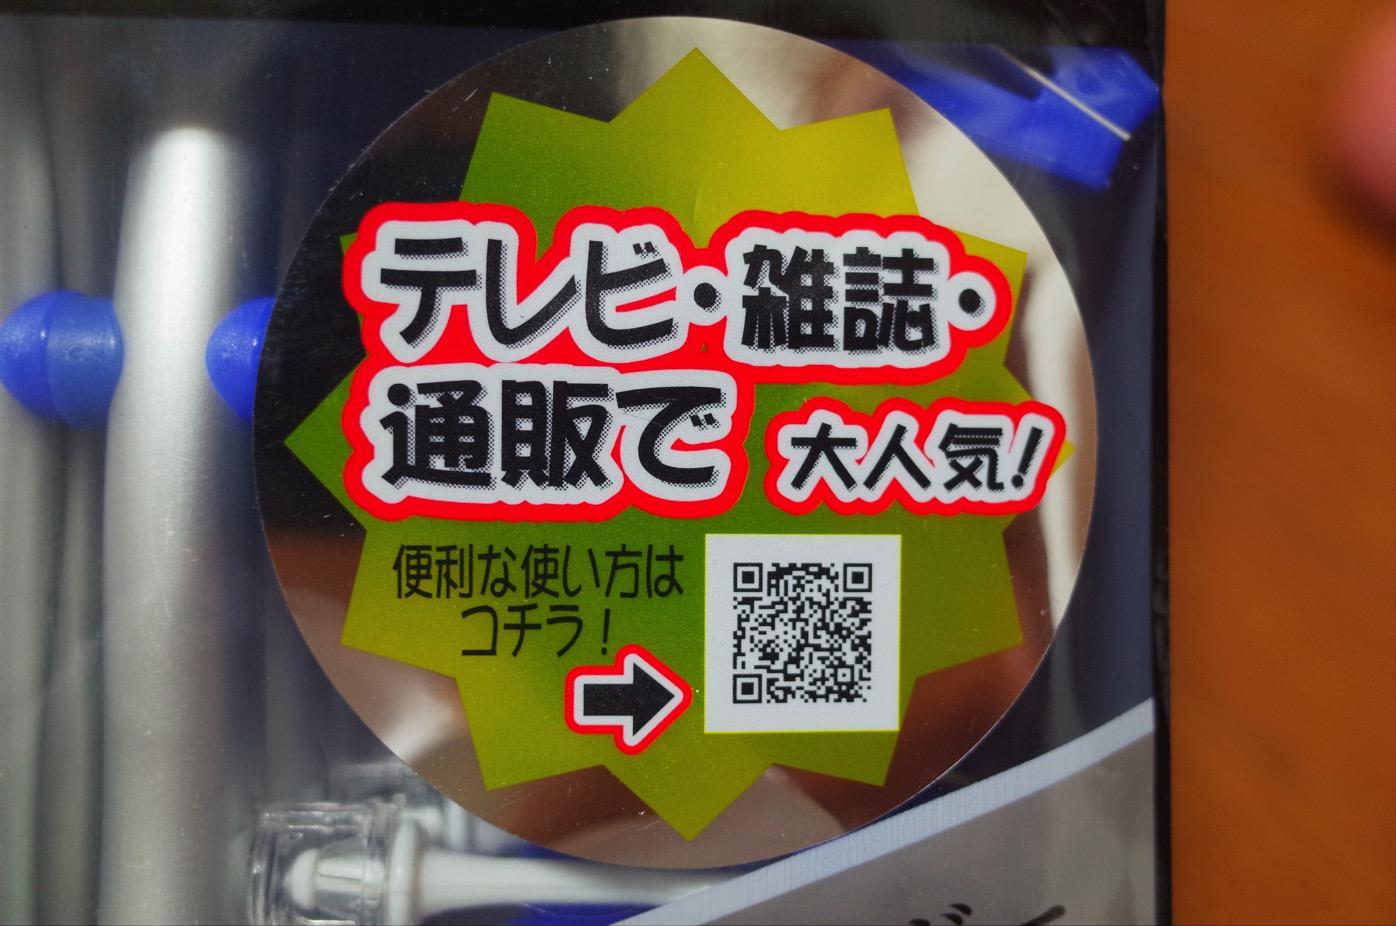 主婦の強い味方!コンパクト洗濯ハンガースペーススリム 伸縮ハンガー-6